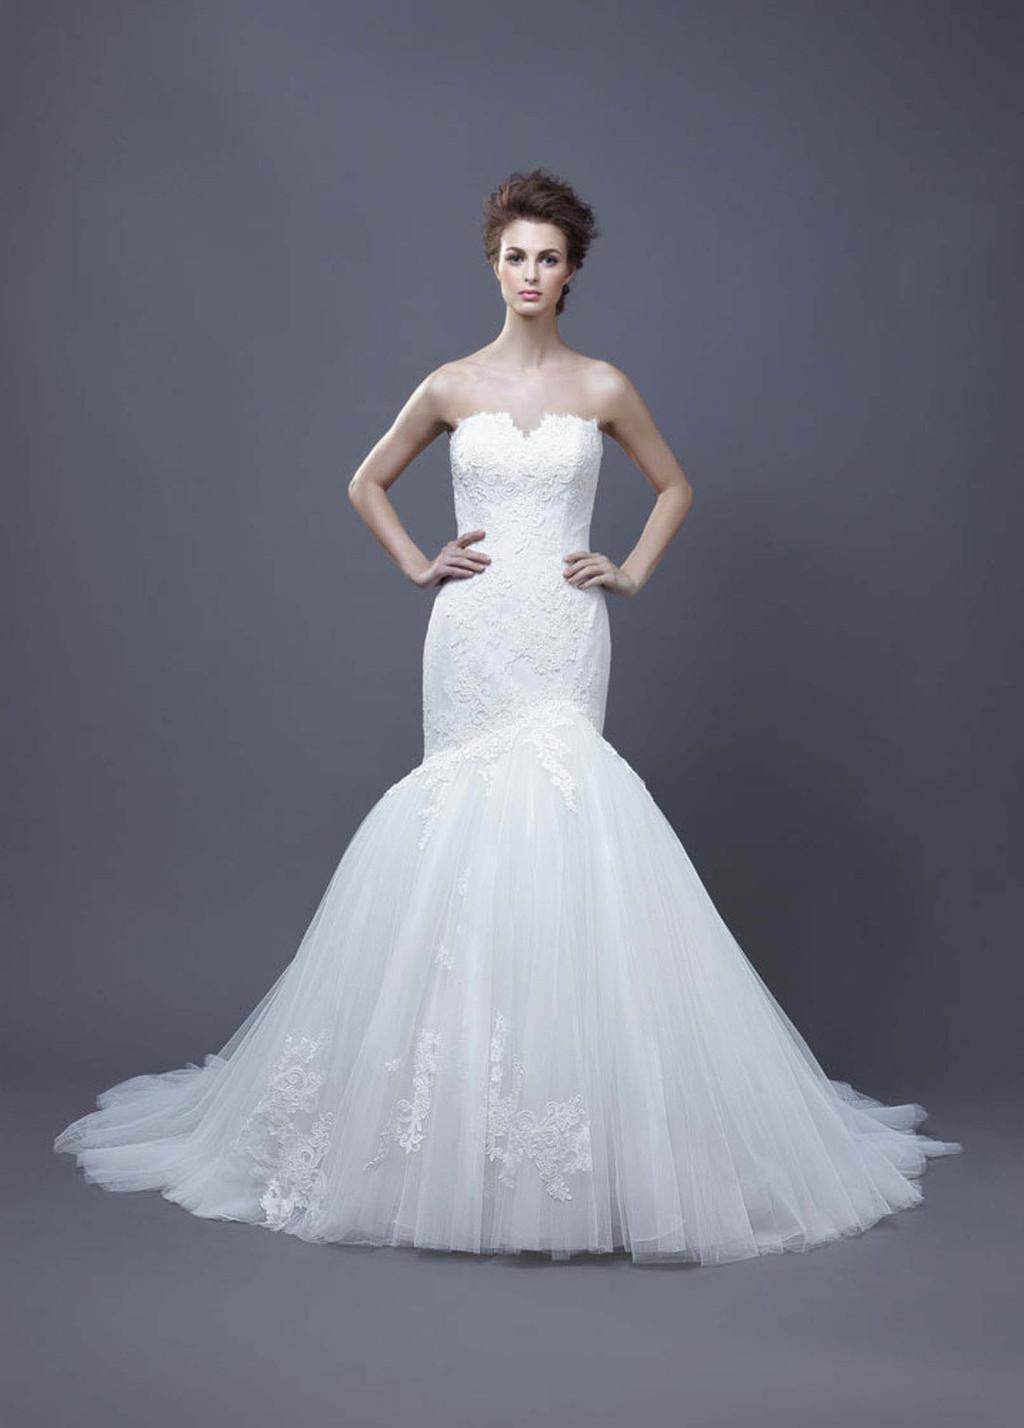 2013-wedding-dress-by-enzoani-bridal-heather.full